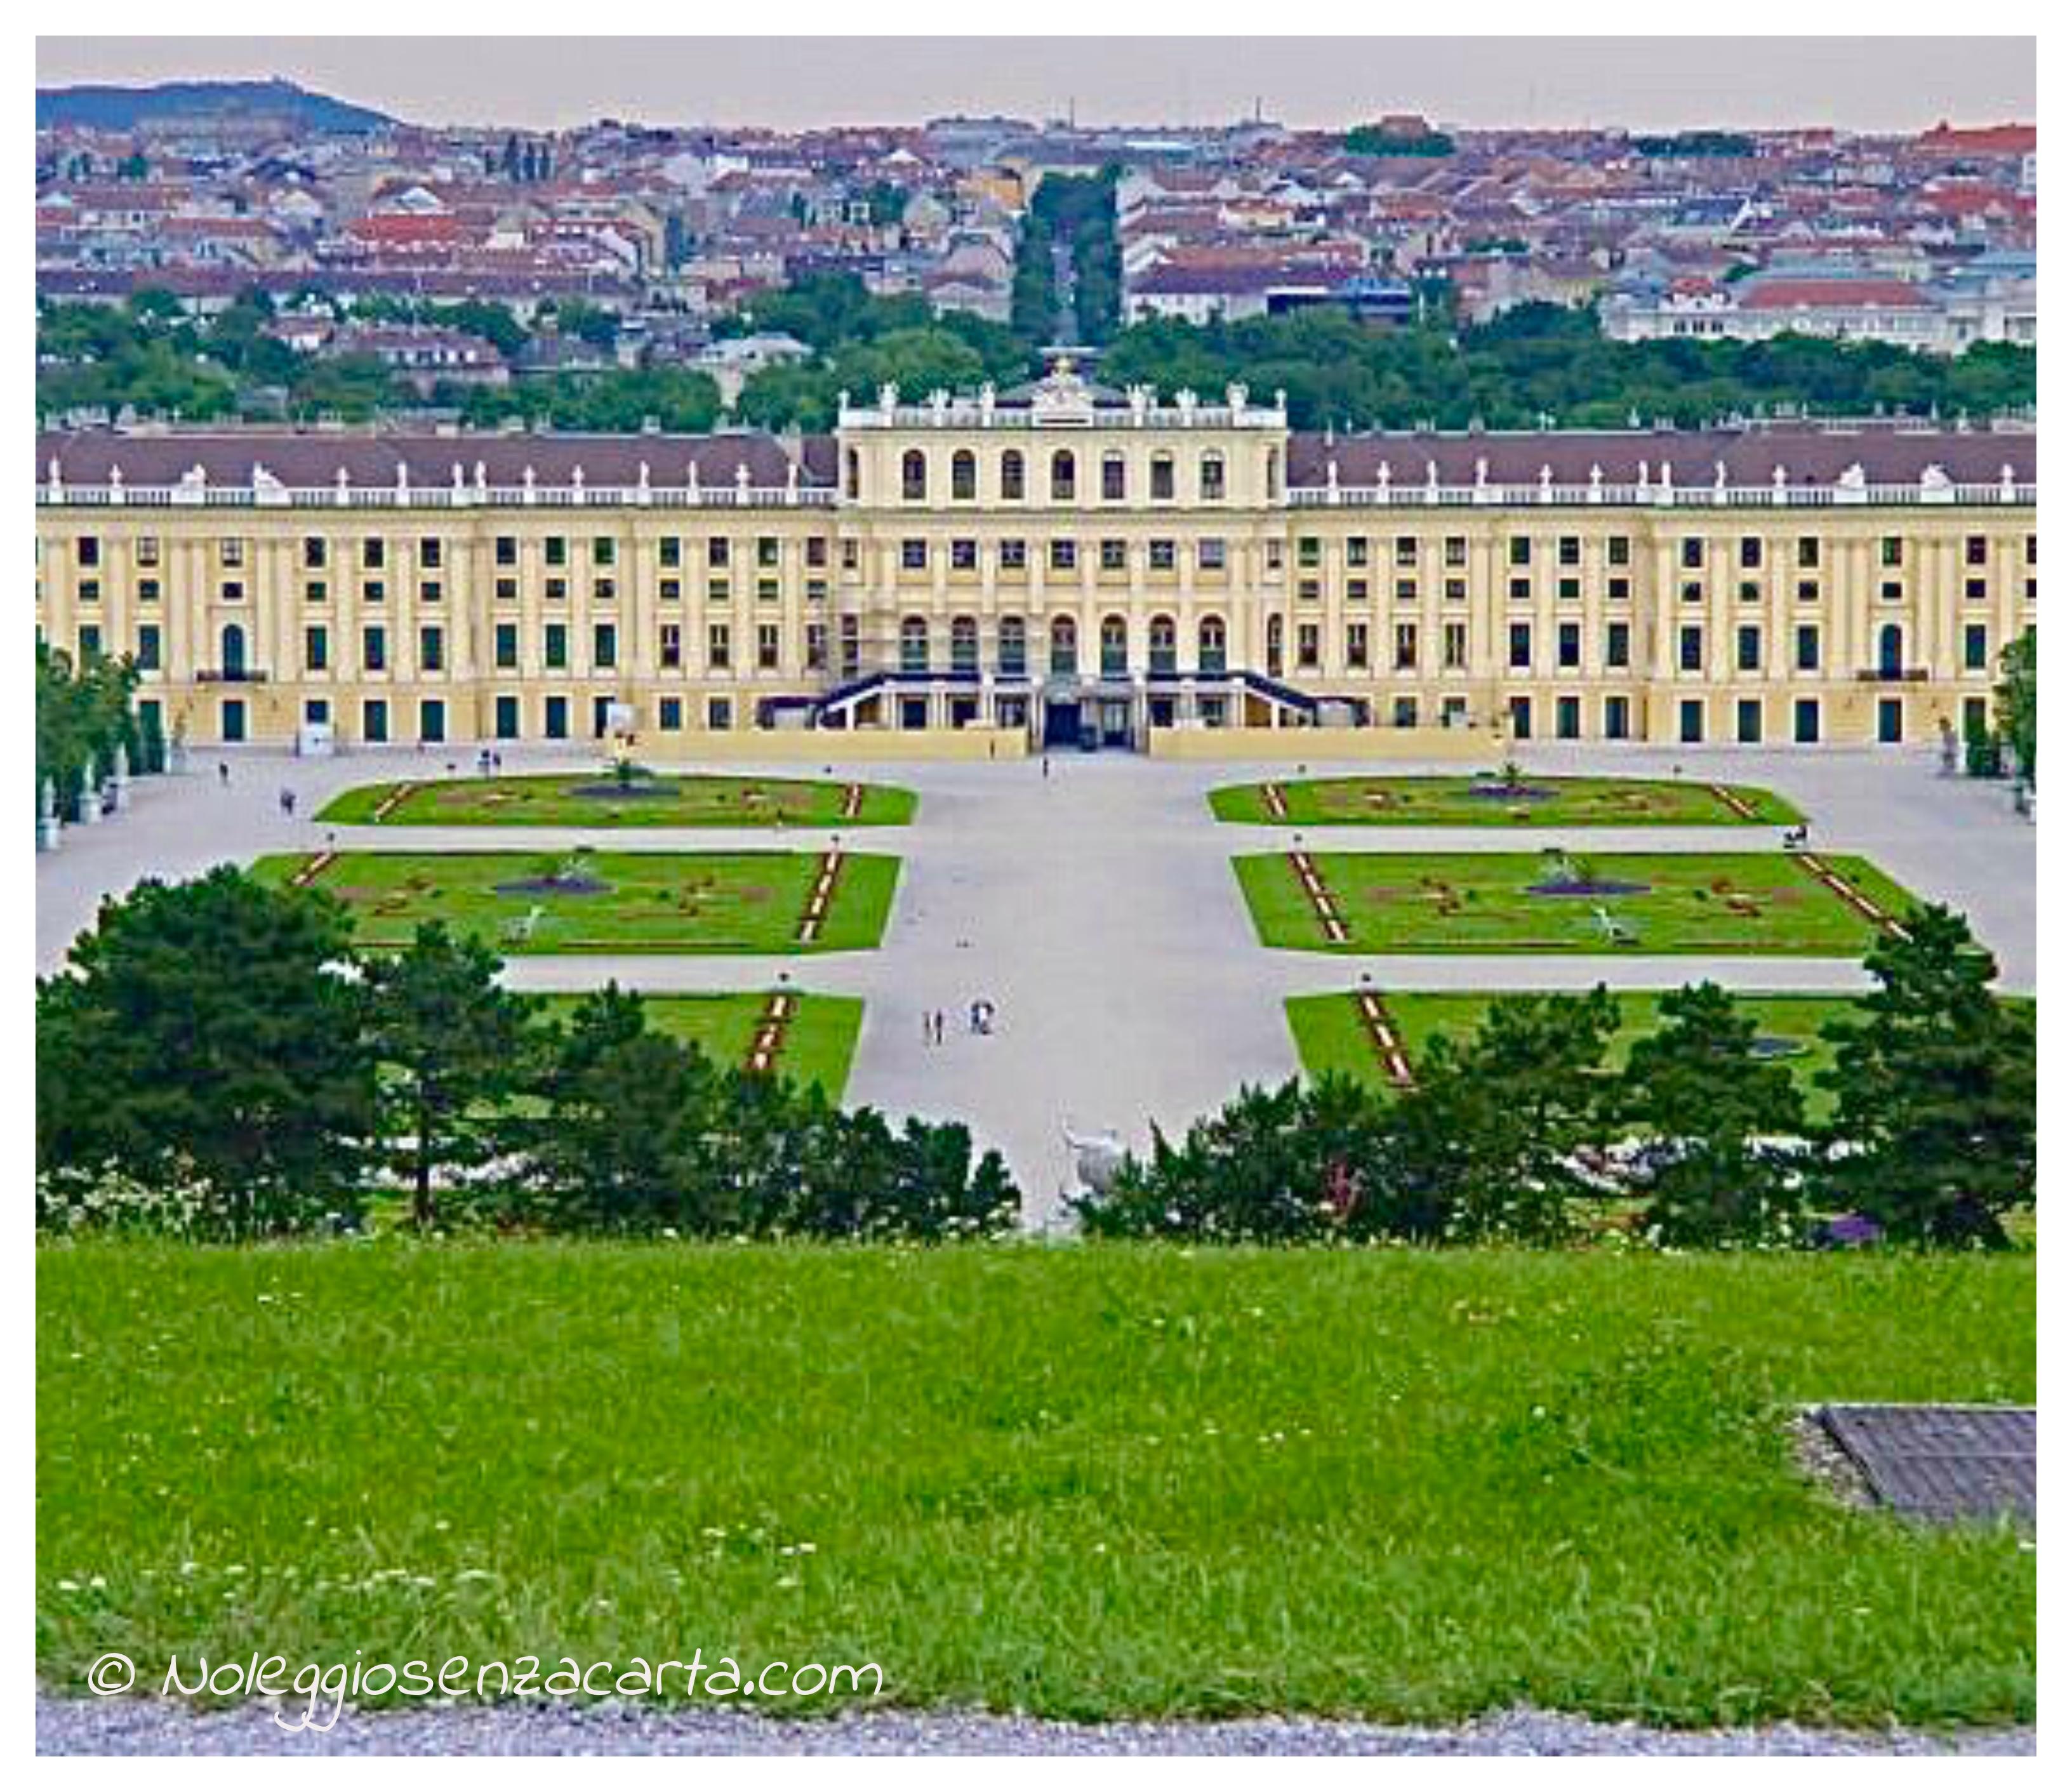 Noleggiare auto senza carta di credito a Vienna – Austria